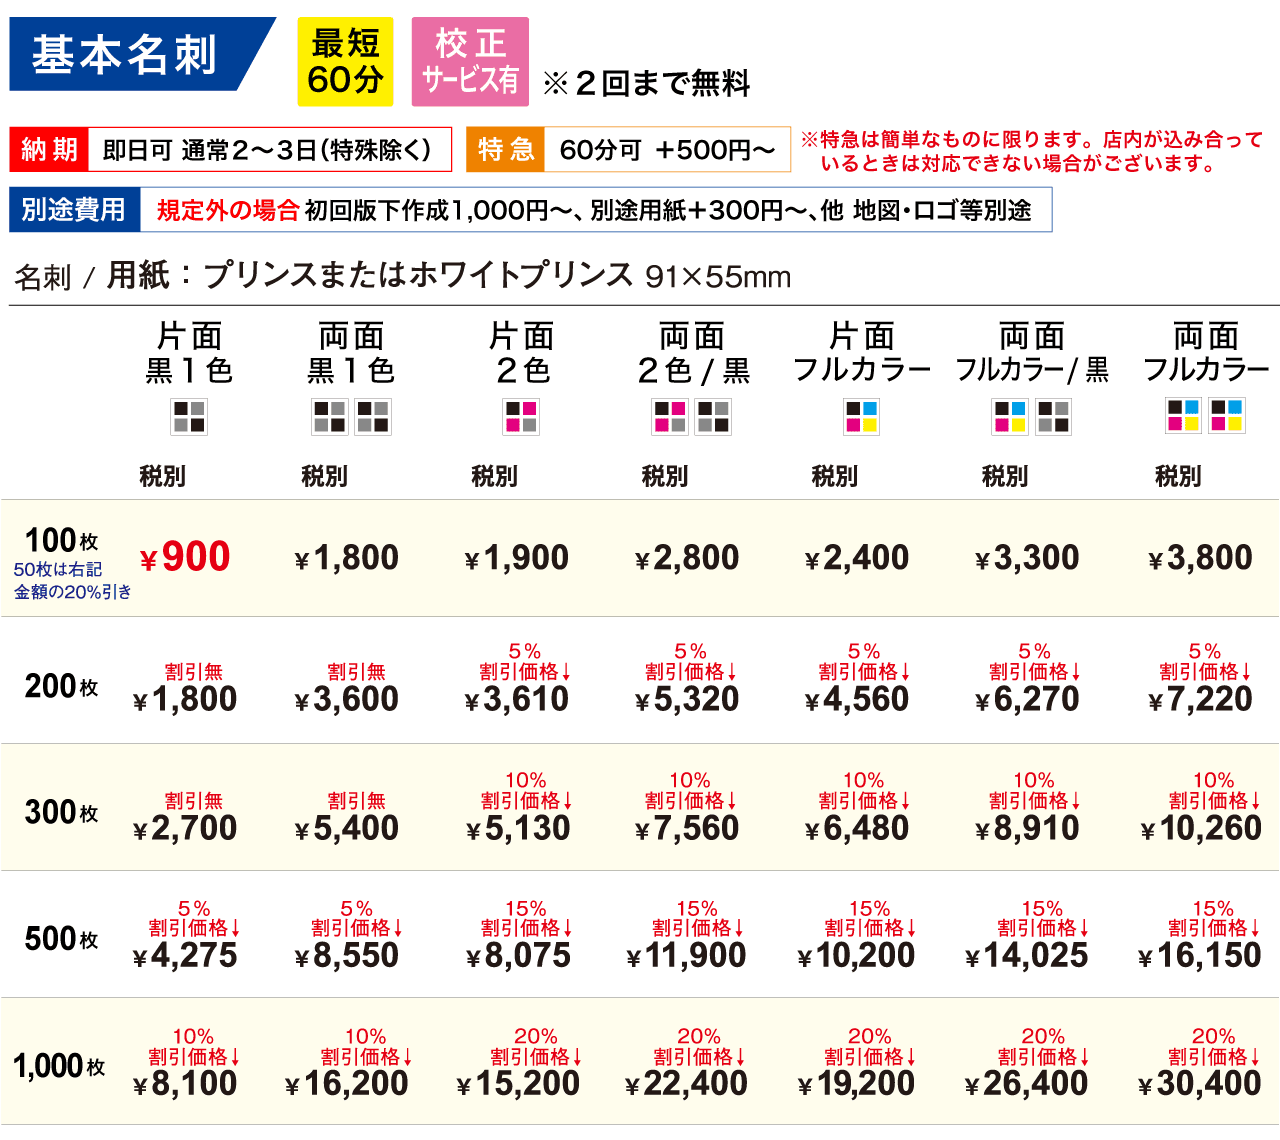 基本名刺の料金表